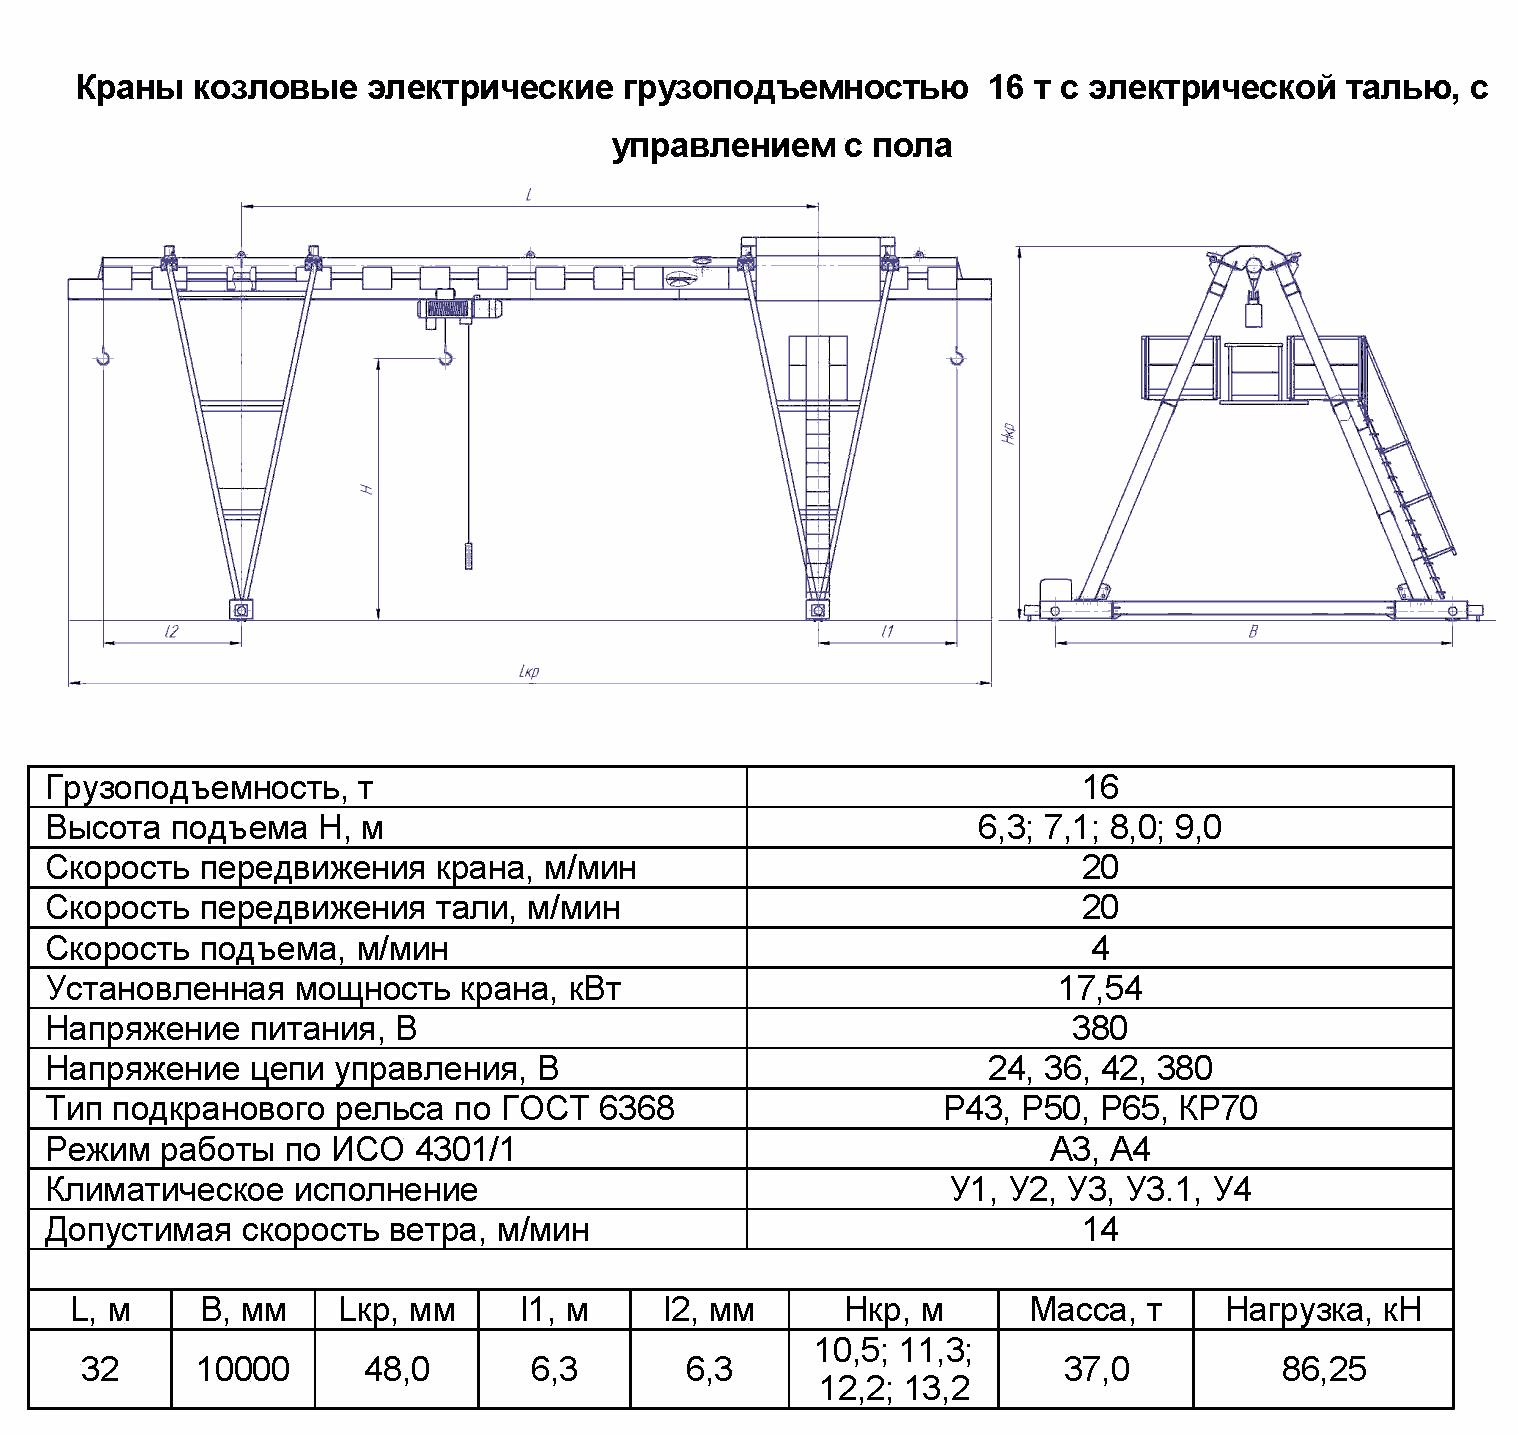 KKO 16 320 - Кран козловой электрический однобалочный